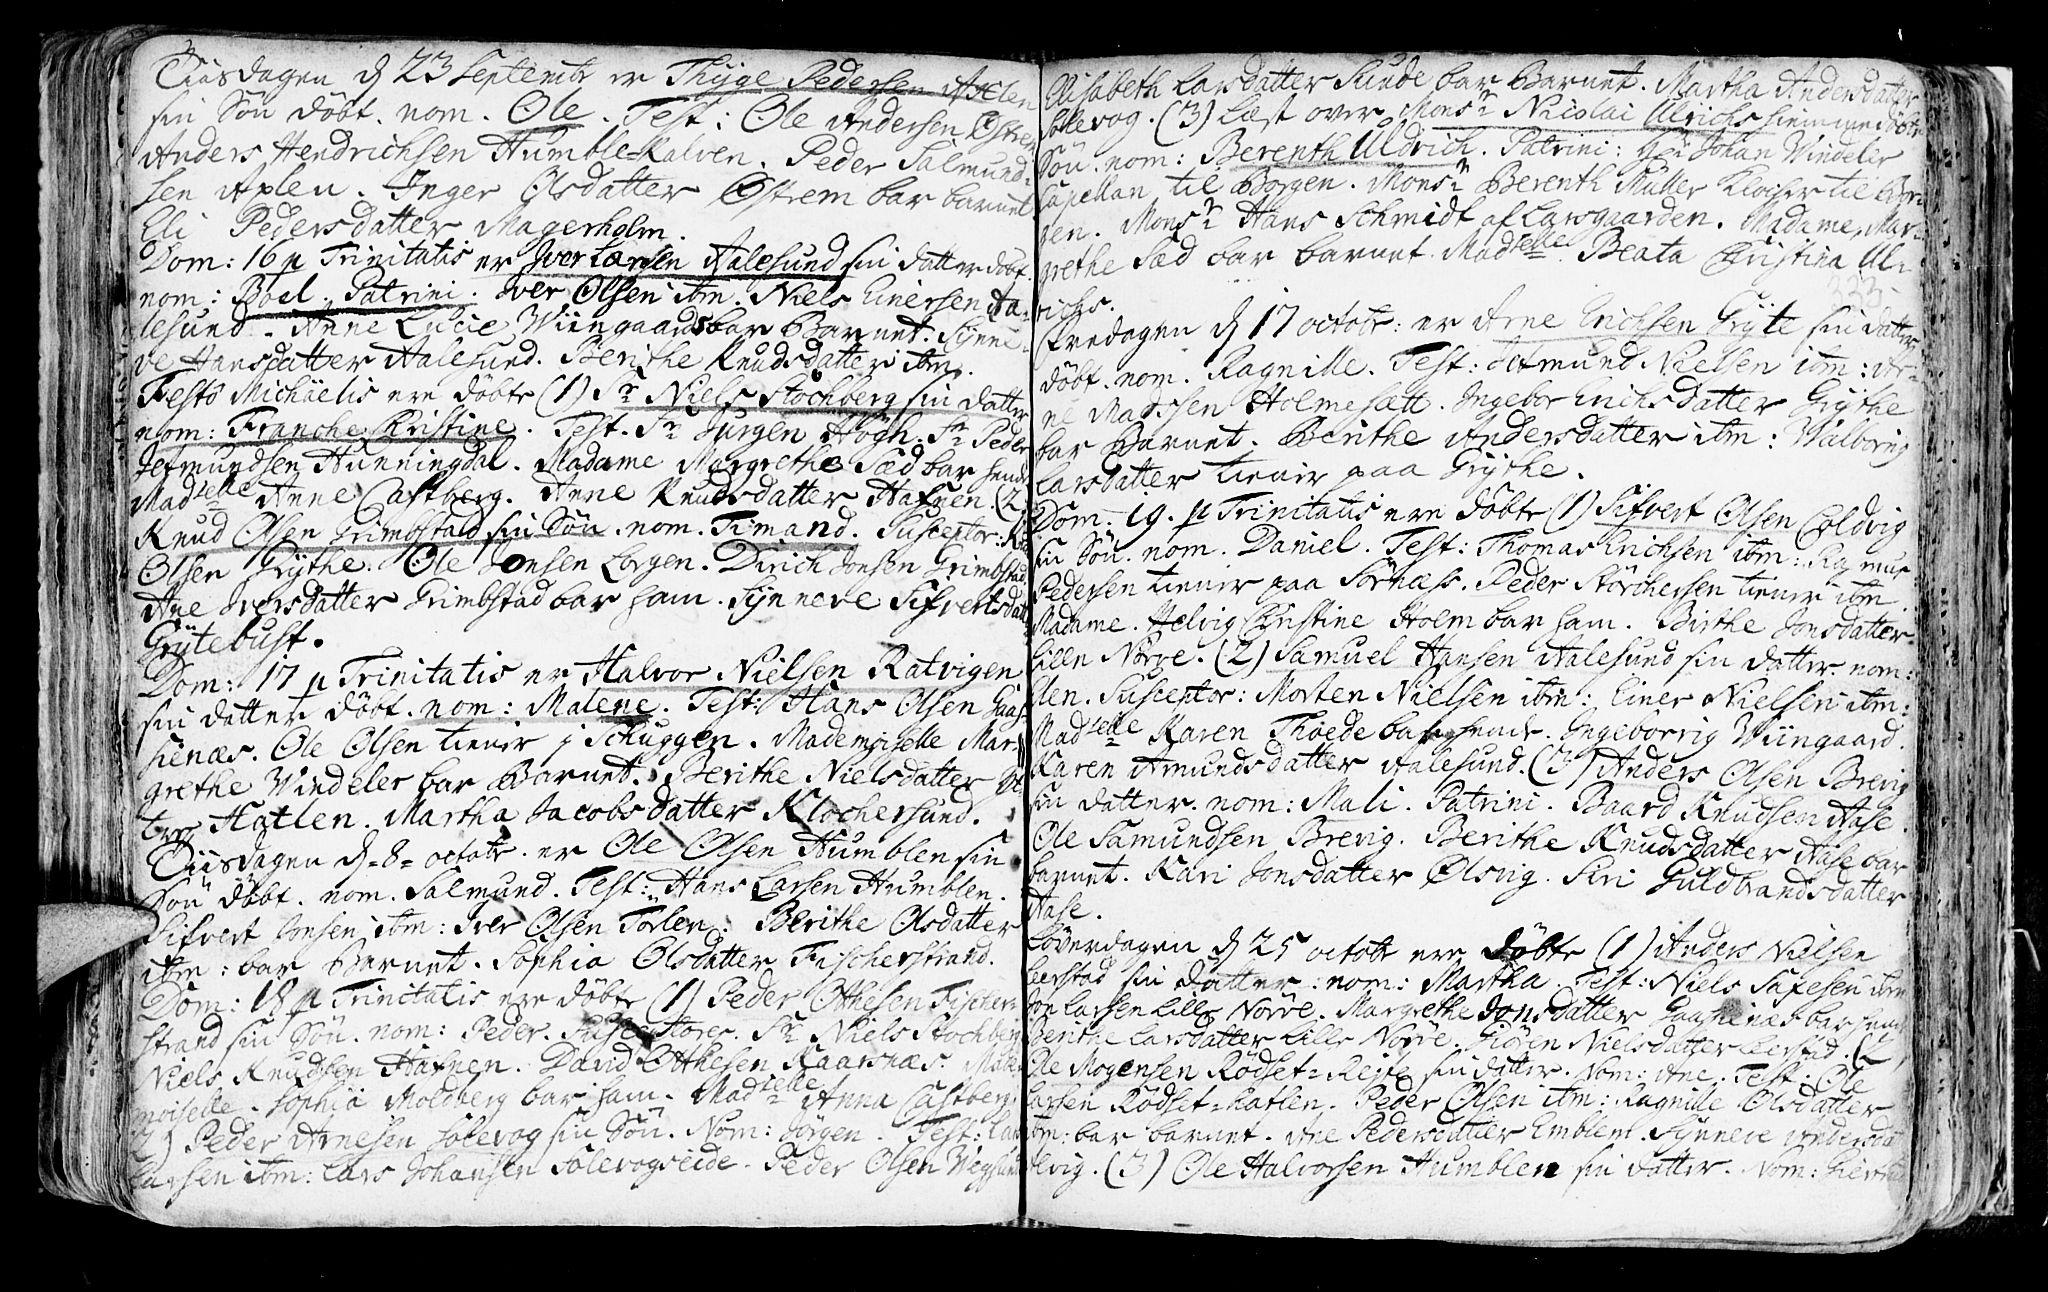 SAT, Ministerialprotokoller, klokkerbøker og fødselsregistre - Møre og Romsdal, 528/L0390: Ministerialbok nr. 528A01, 1698-1739, s. 332-333